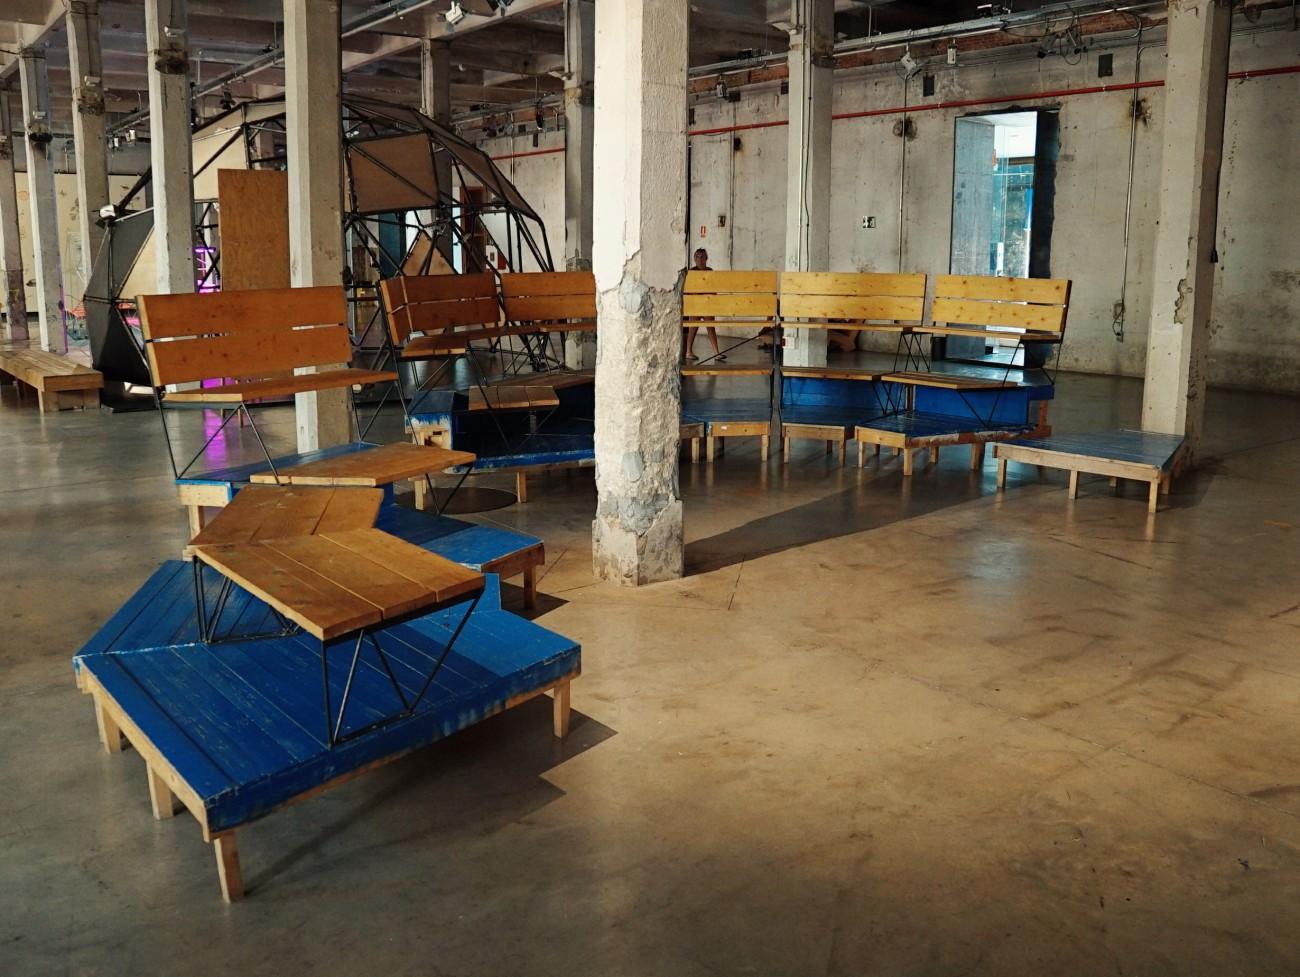 Nous profitons tout même de notre venue pour découvrir le Matadero, le centre de création contemporaine où se situe la Cineteca. De nombreuses microarchitectures ont été installées dans un vaste espace à disposition des citoyens : espaces de discussions individuels, agora, atelier de création filmique pour jeunes réalisateurs et tables de travail.